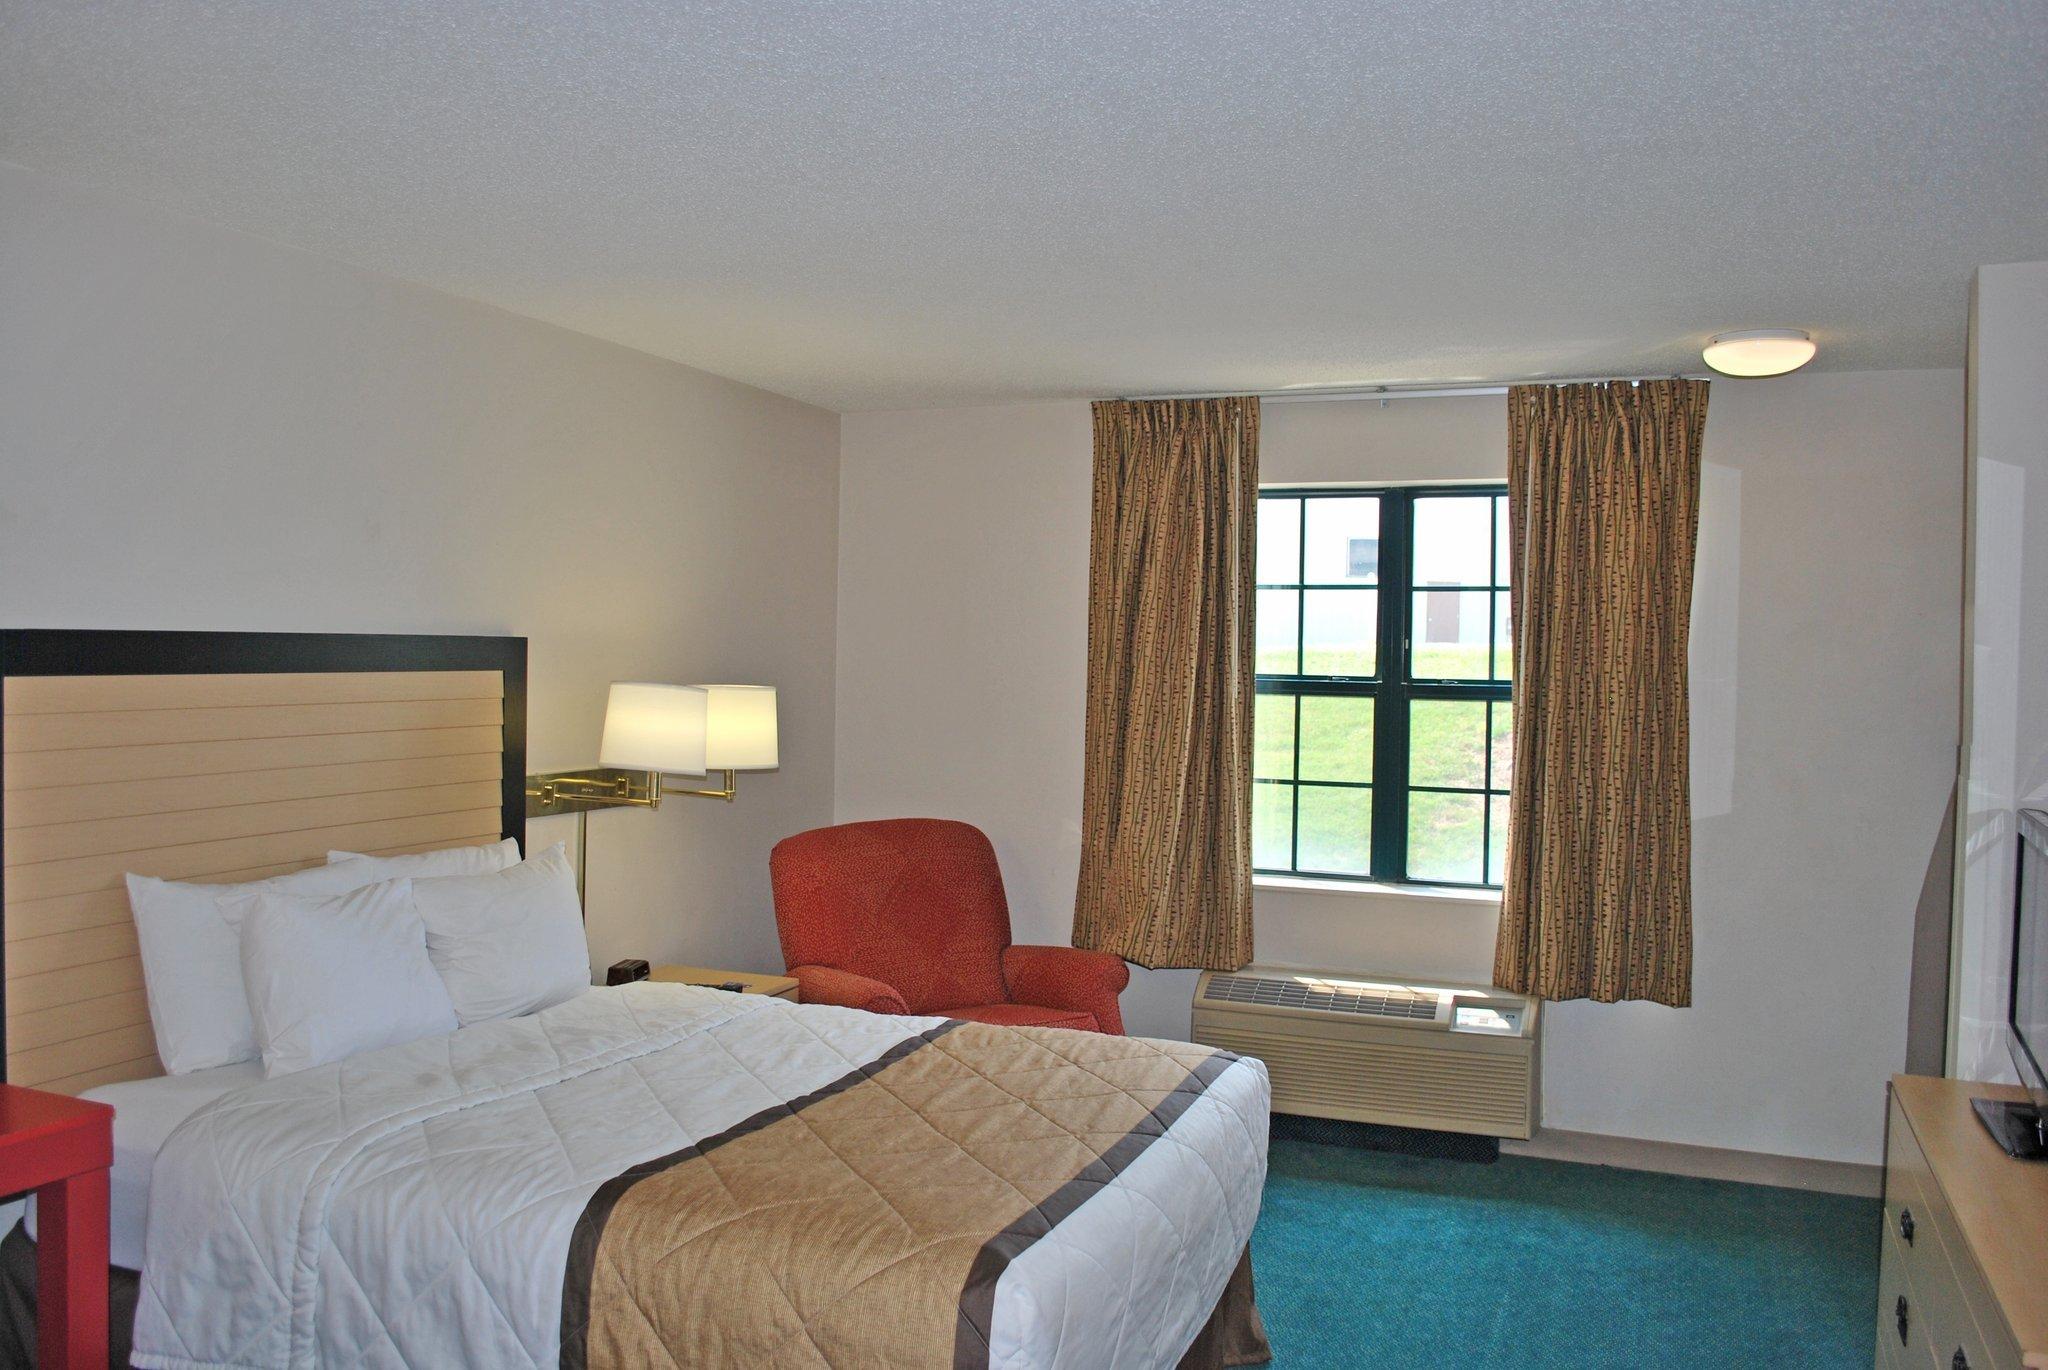 聖路易斯 - 聖皮特斯美國長住飯店